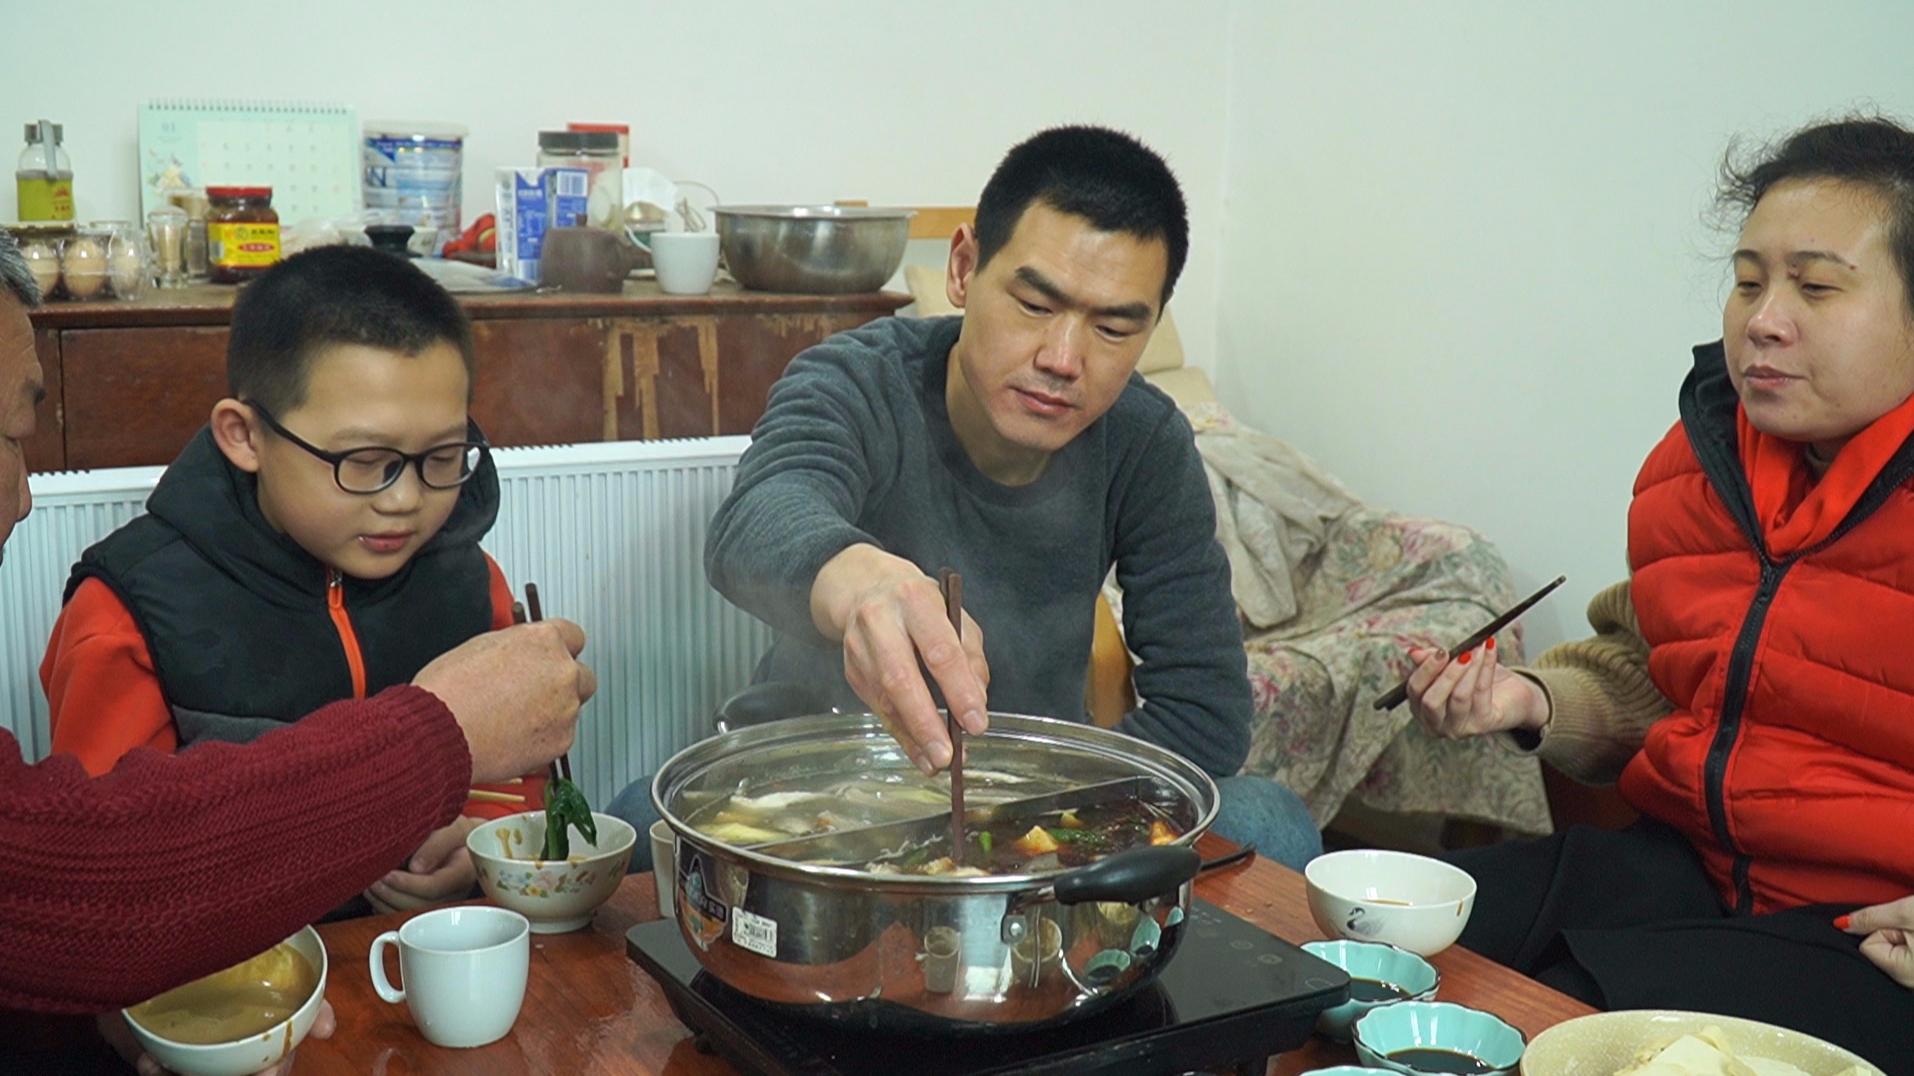 开春涮个火锅,阿远自制虾滑,丸子大小的虾滑,涮火锅吃着爽